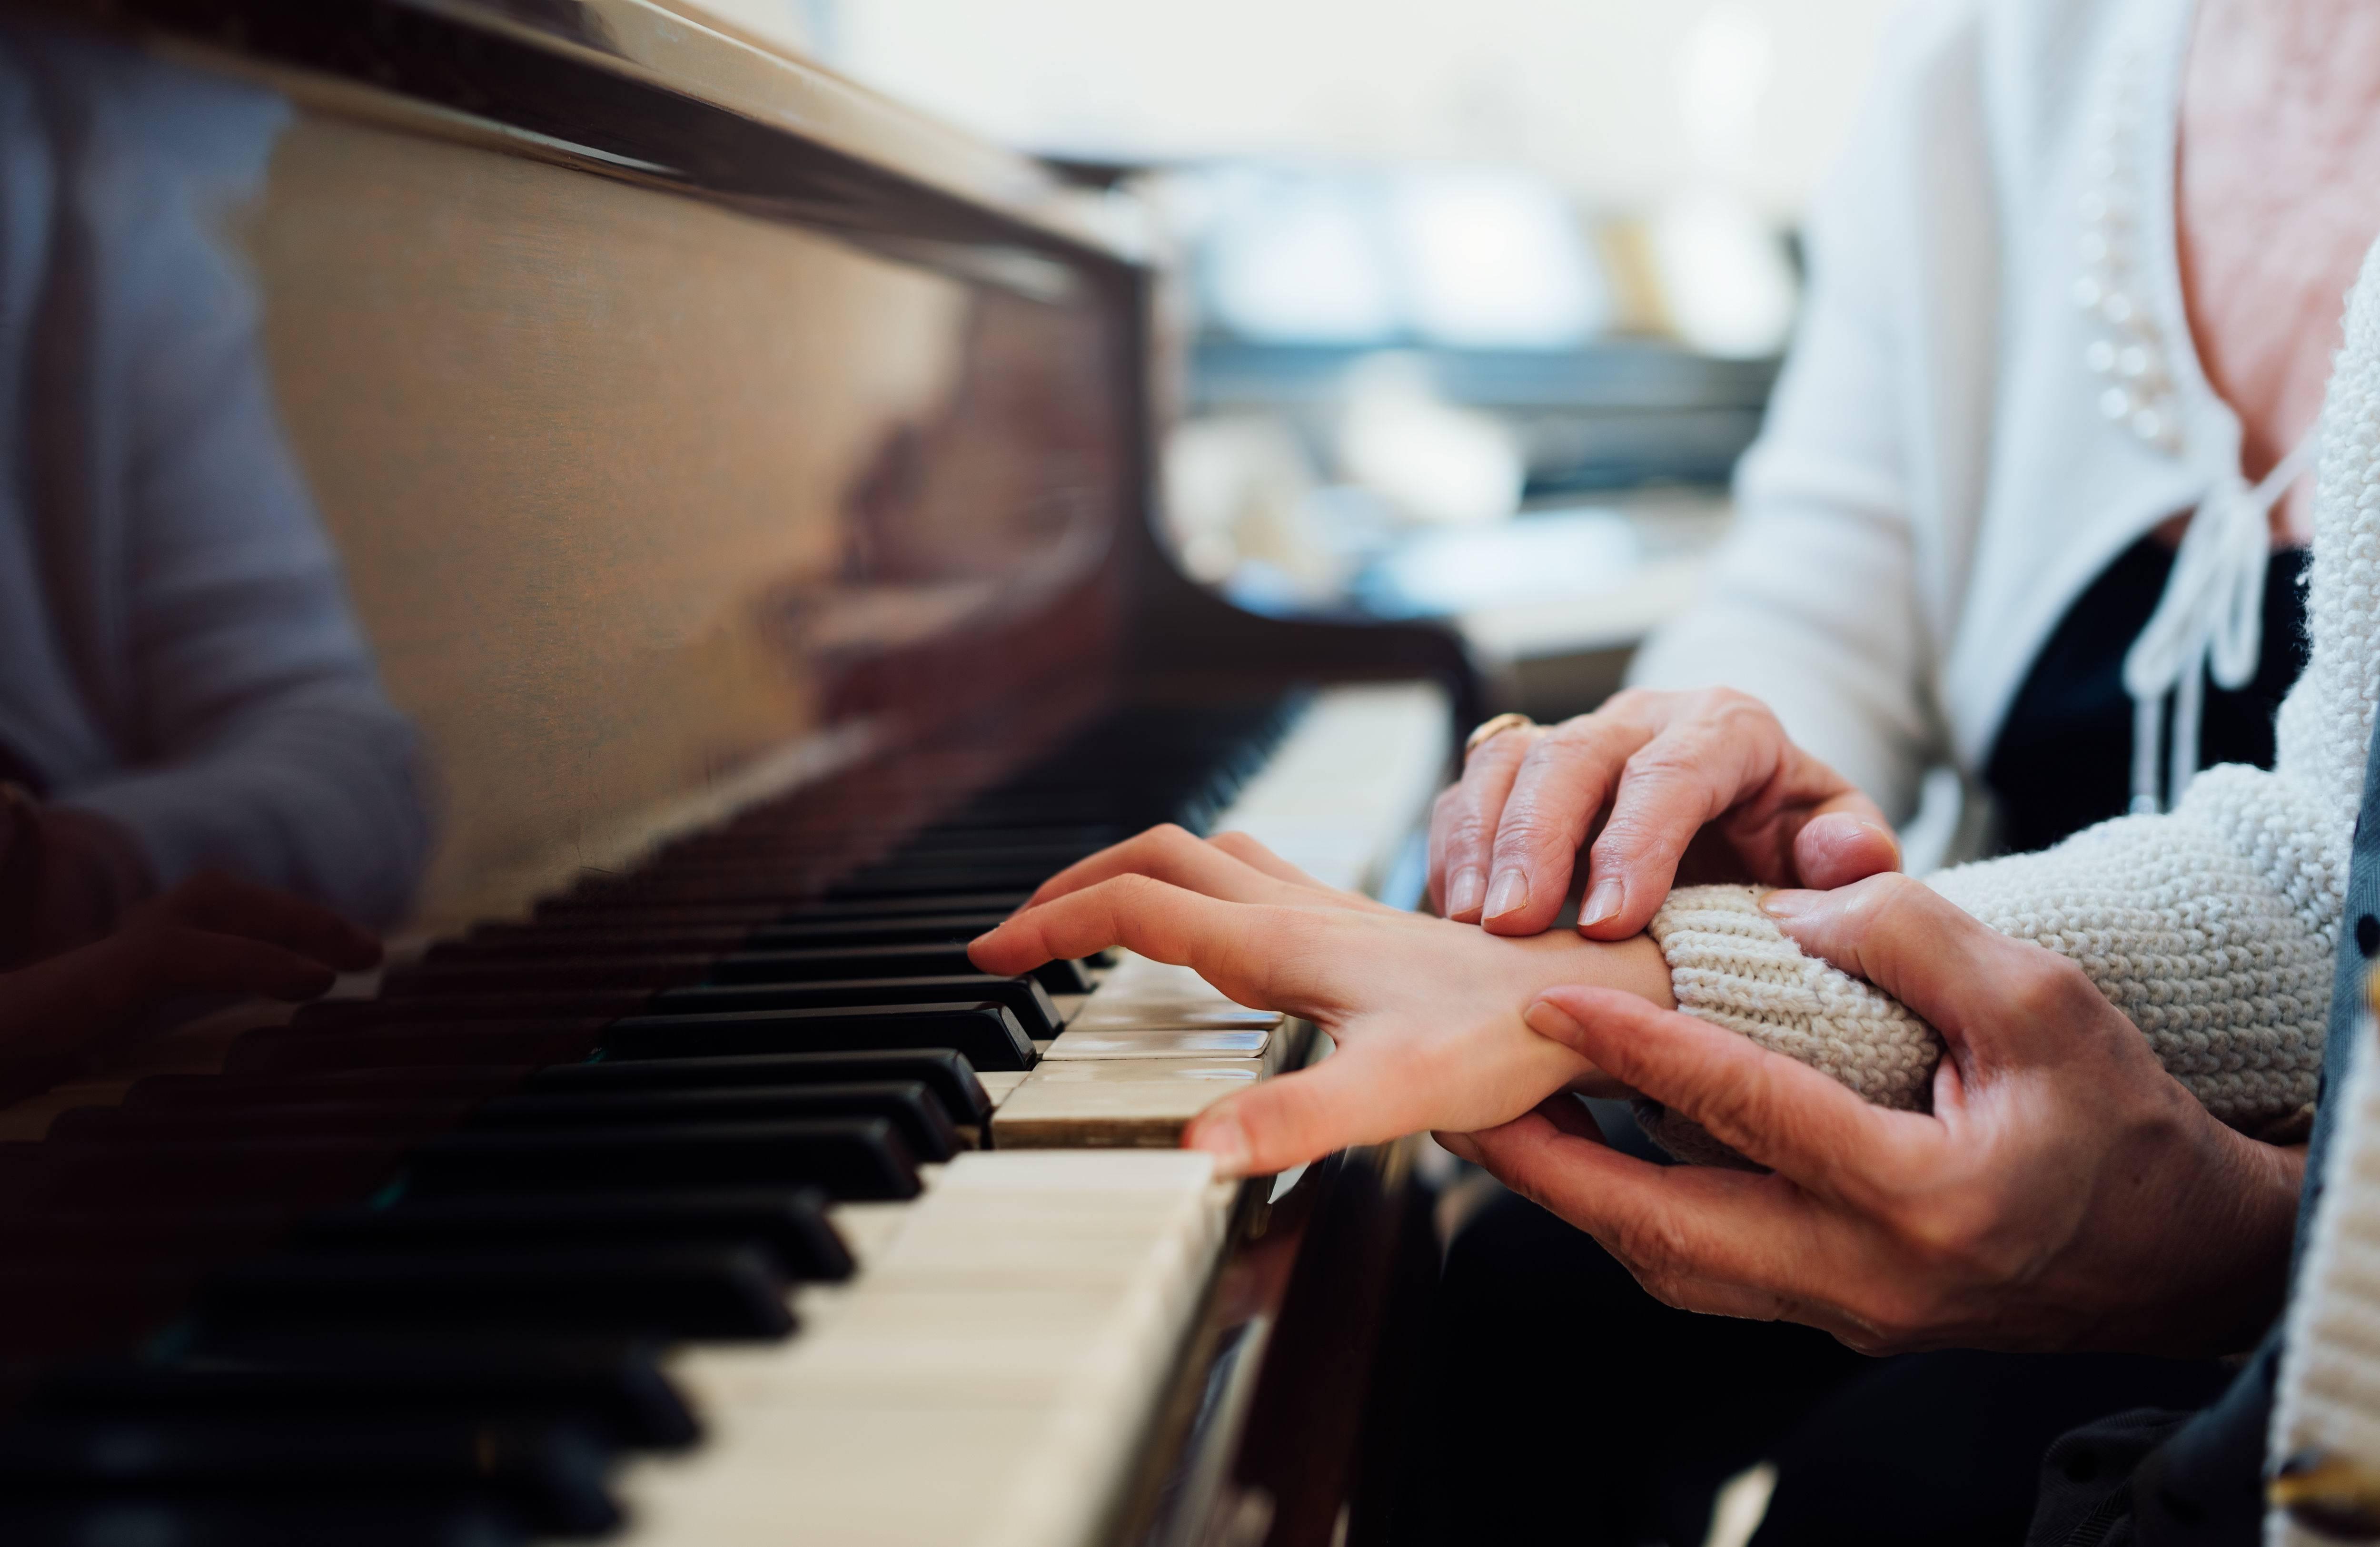 孩子弹钢琴折指是什么原因?应该如何解决?